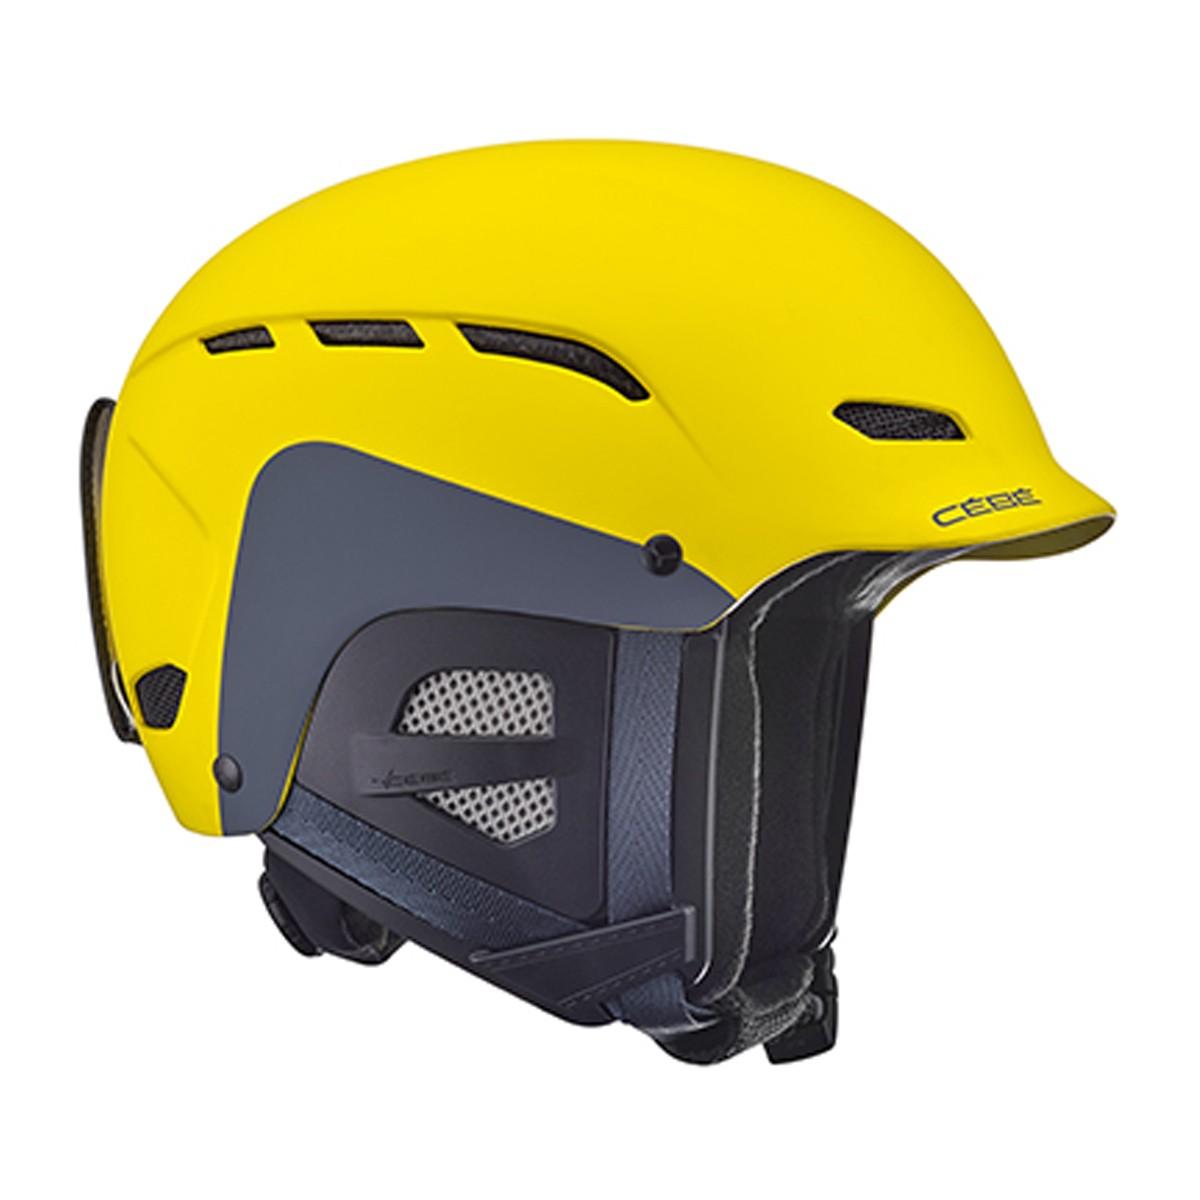 Casco Sci Dusk Junior (Colore: Matt Yellow, Taglia: 5456)